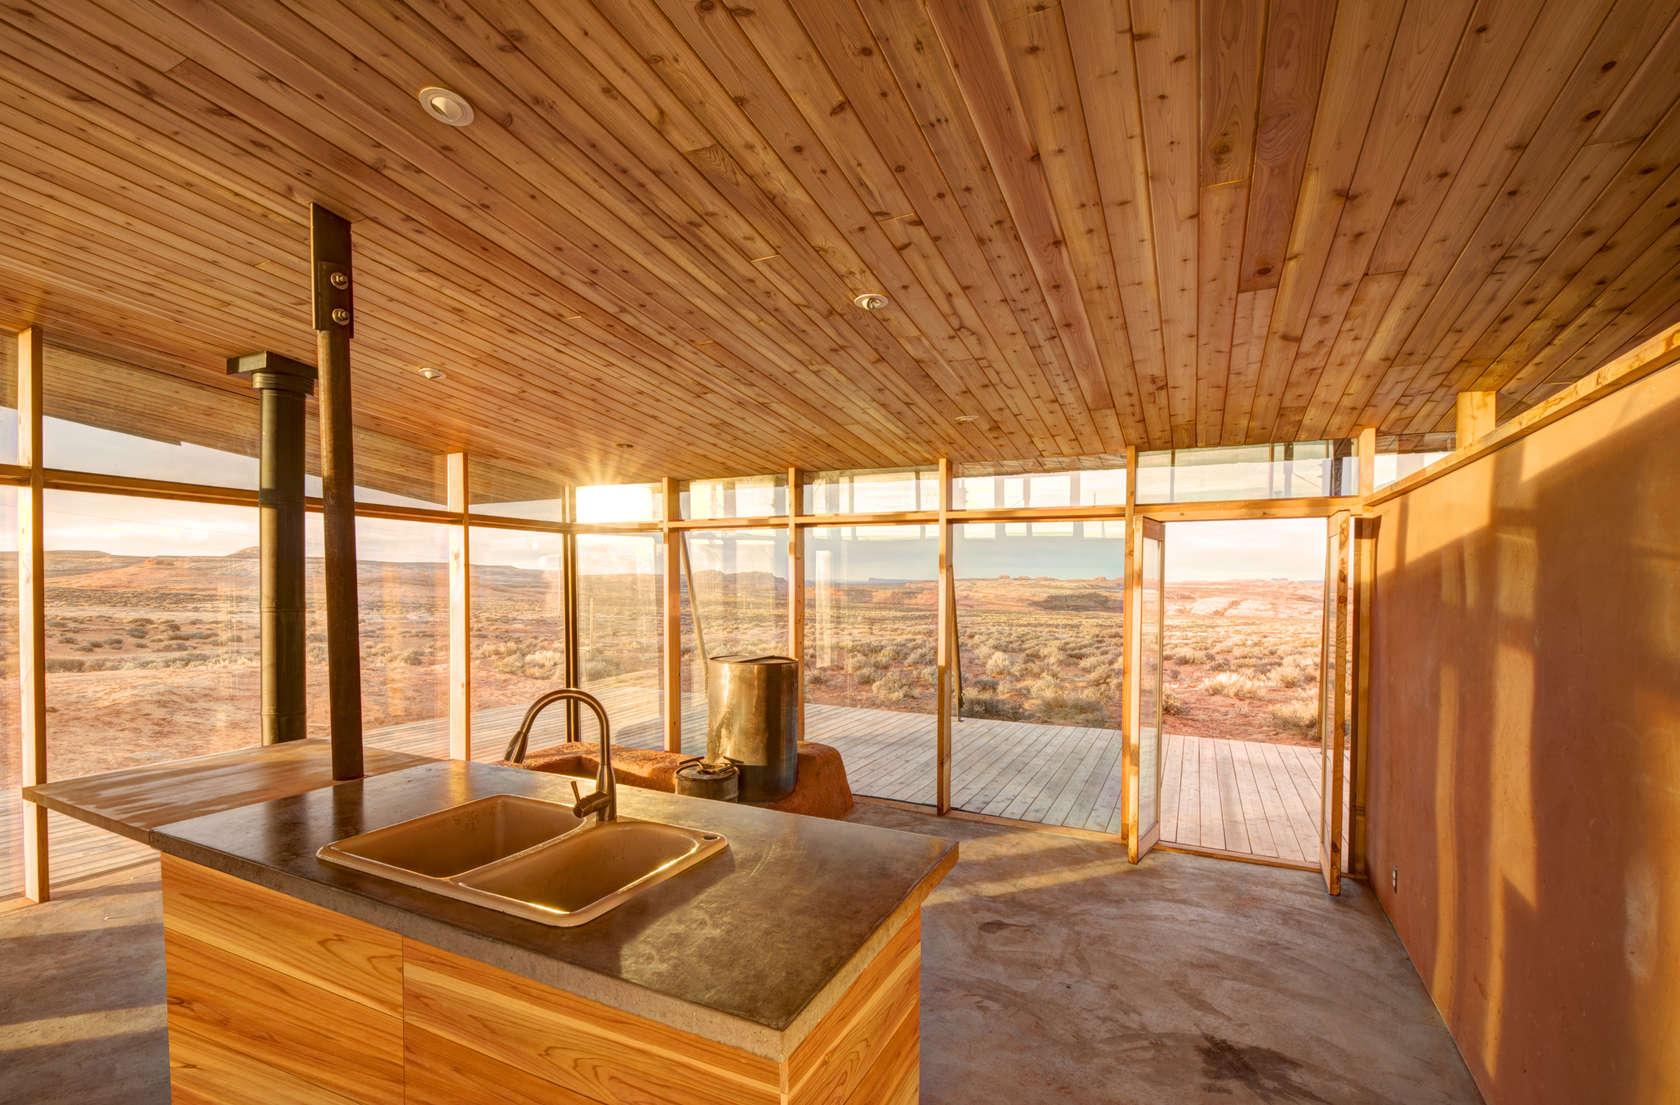 Proyecto de peque a casa de arcilla y madera for Interior de la casa de madera moderna